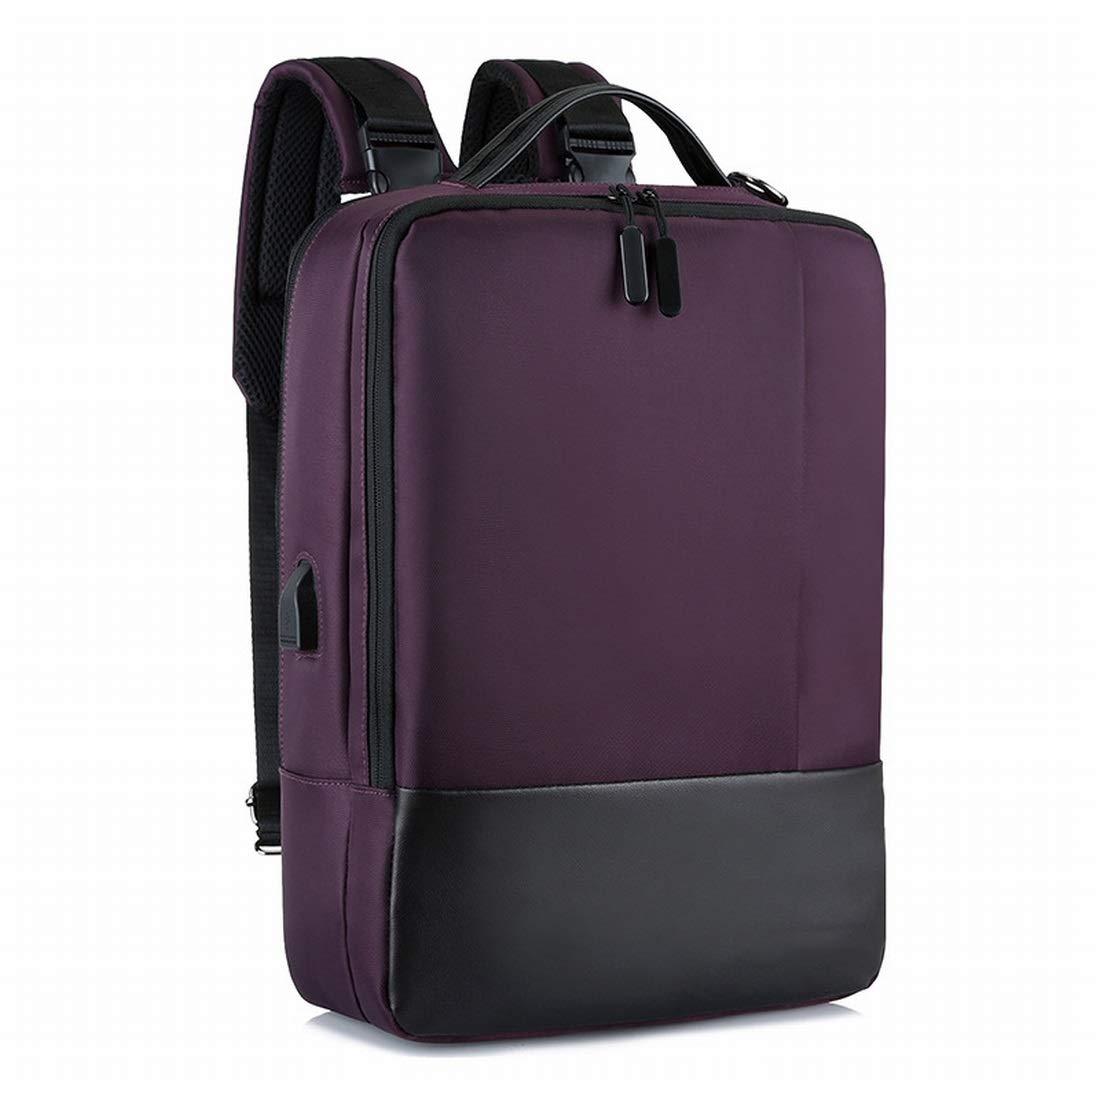 Olprkgdg Multifunktionaler Business-Rucksack Schulter-Rucksack Rucksack mit USB-Aufladung (Farbe     schwarz) B07PDDWRWR Daypacks Ausgezeichnet 916cea